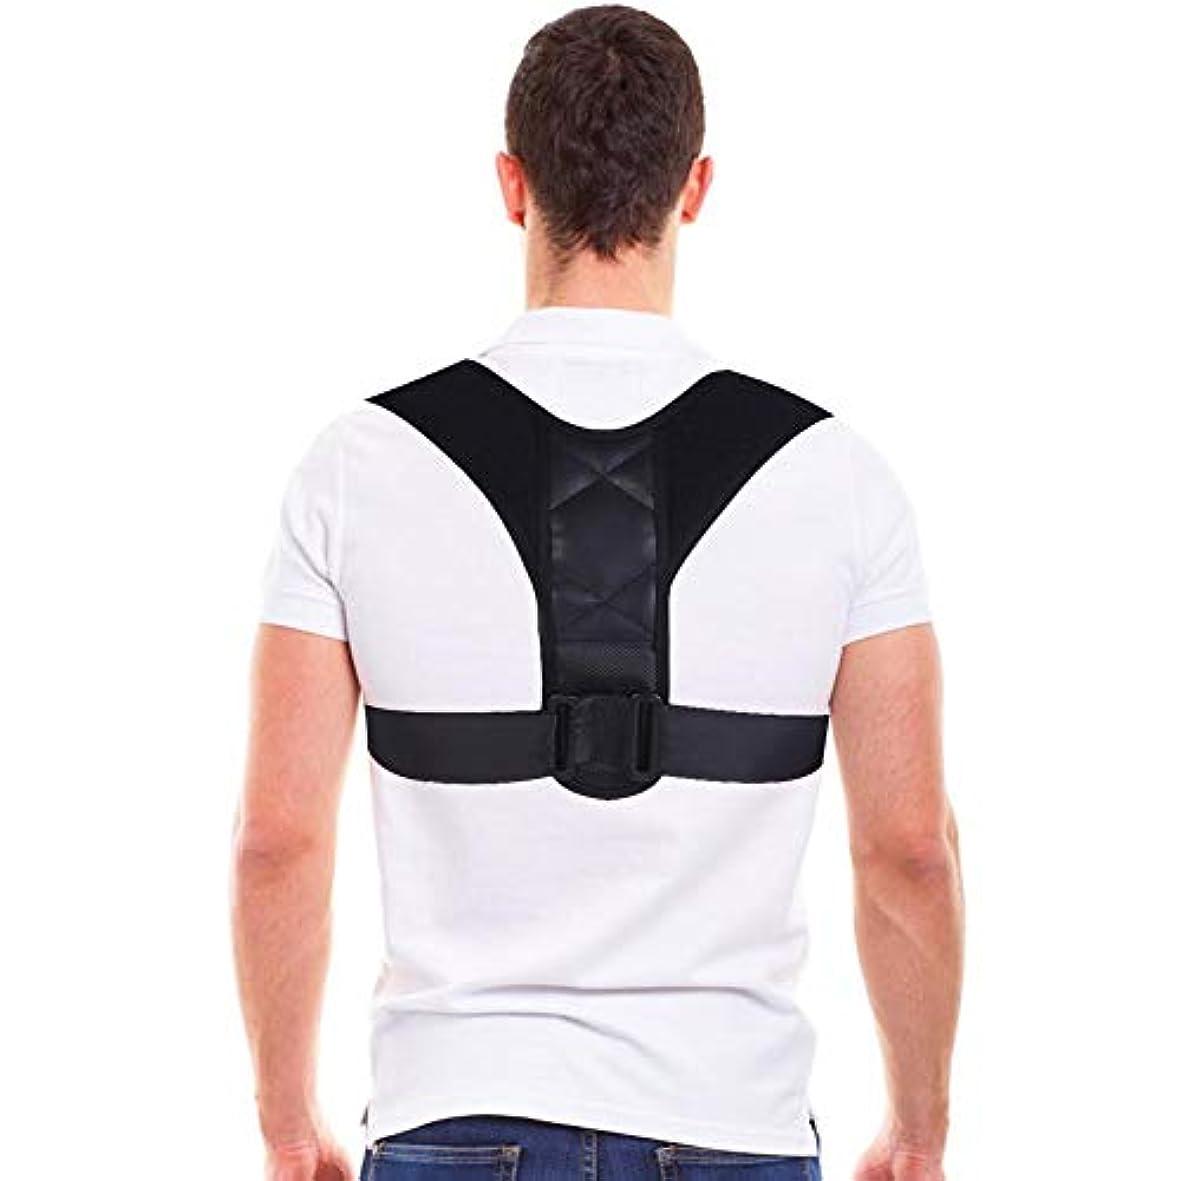 予言するウイルスフクロウコレクター姿勢バックサポートベルト、8字型デザインの調節可能な鎖骨装具バンド、男性と女性の姿勢、腰痛予防、腰痛予防